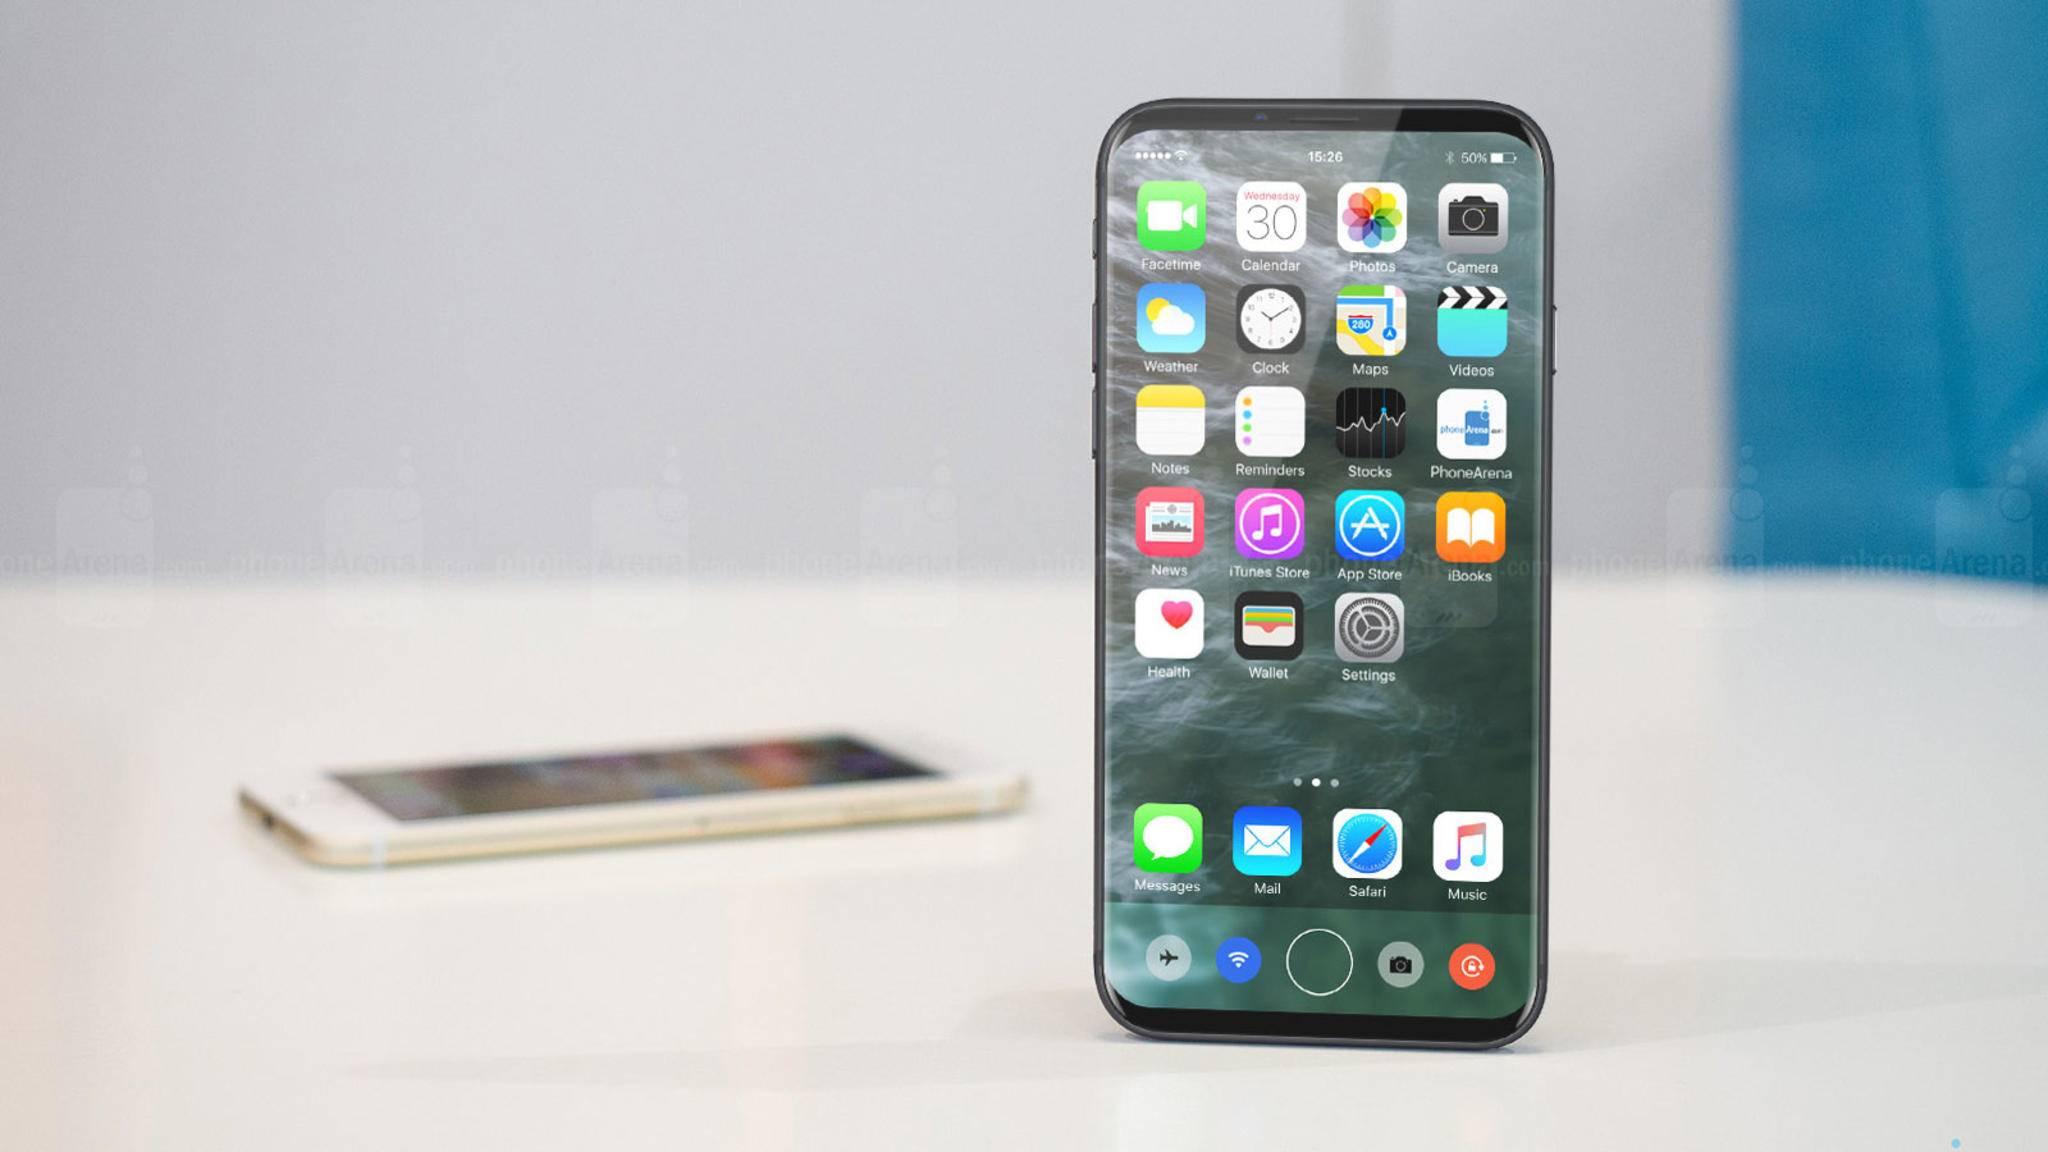 Eine internes Memo von Apple könnte jetzt den Release-Termin fürs iPhone 8 verraten haben.